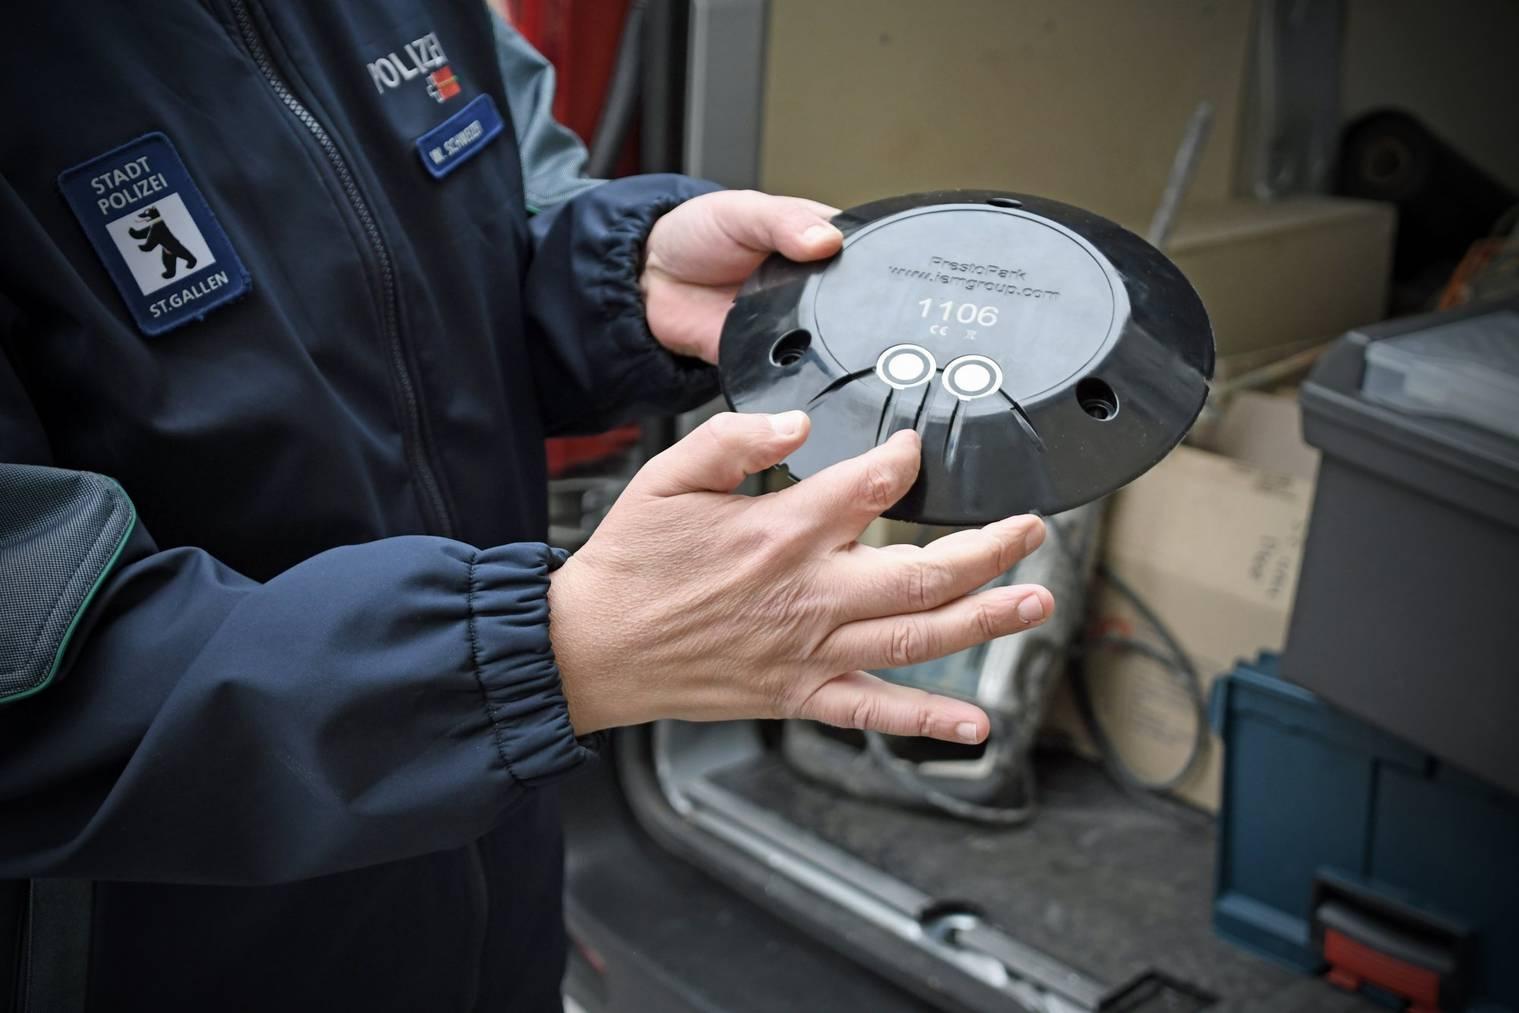 Ein Polizist hält einen Parksensor, wie er beim Pilotprojekt in St.Gallen zum Einsatz kommt.